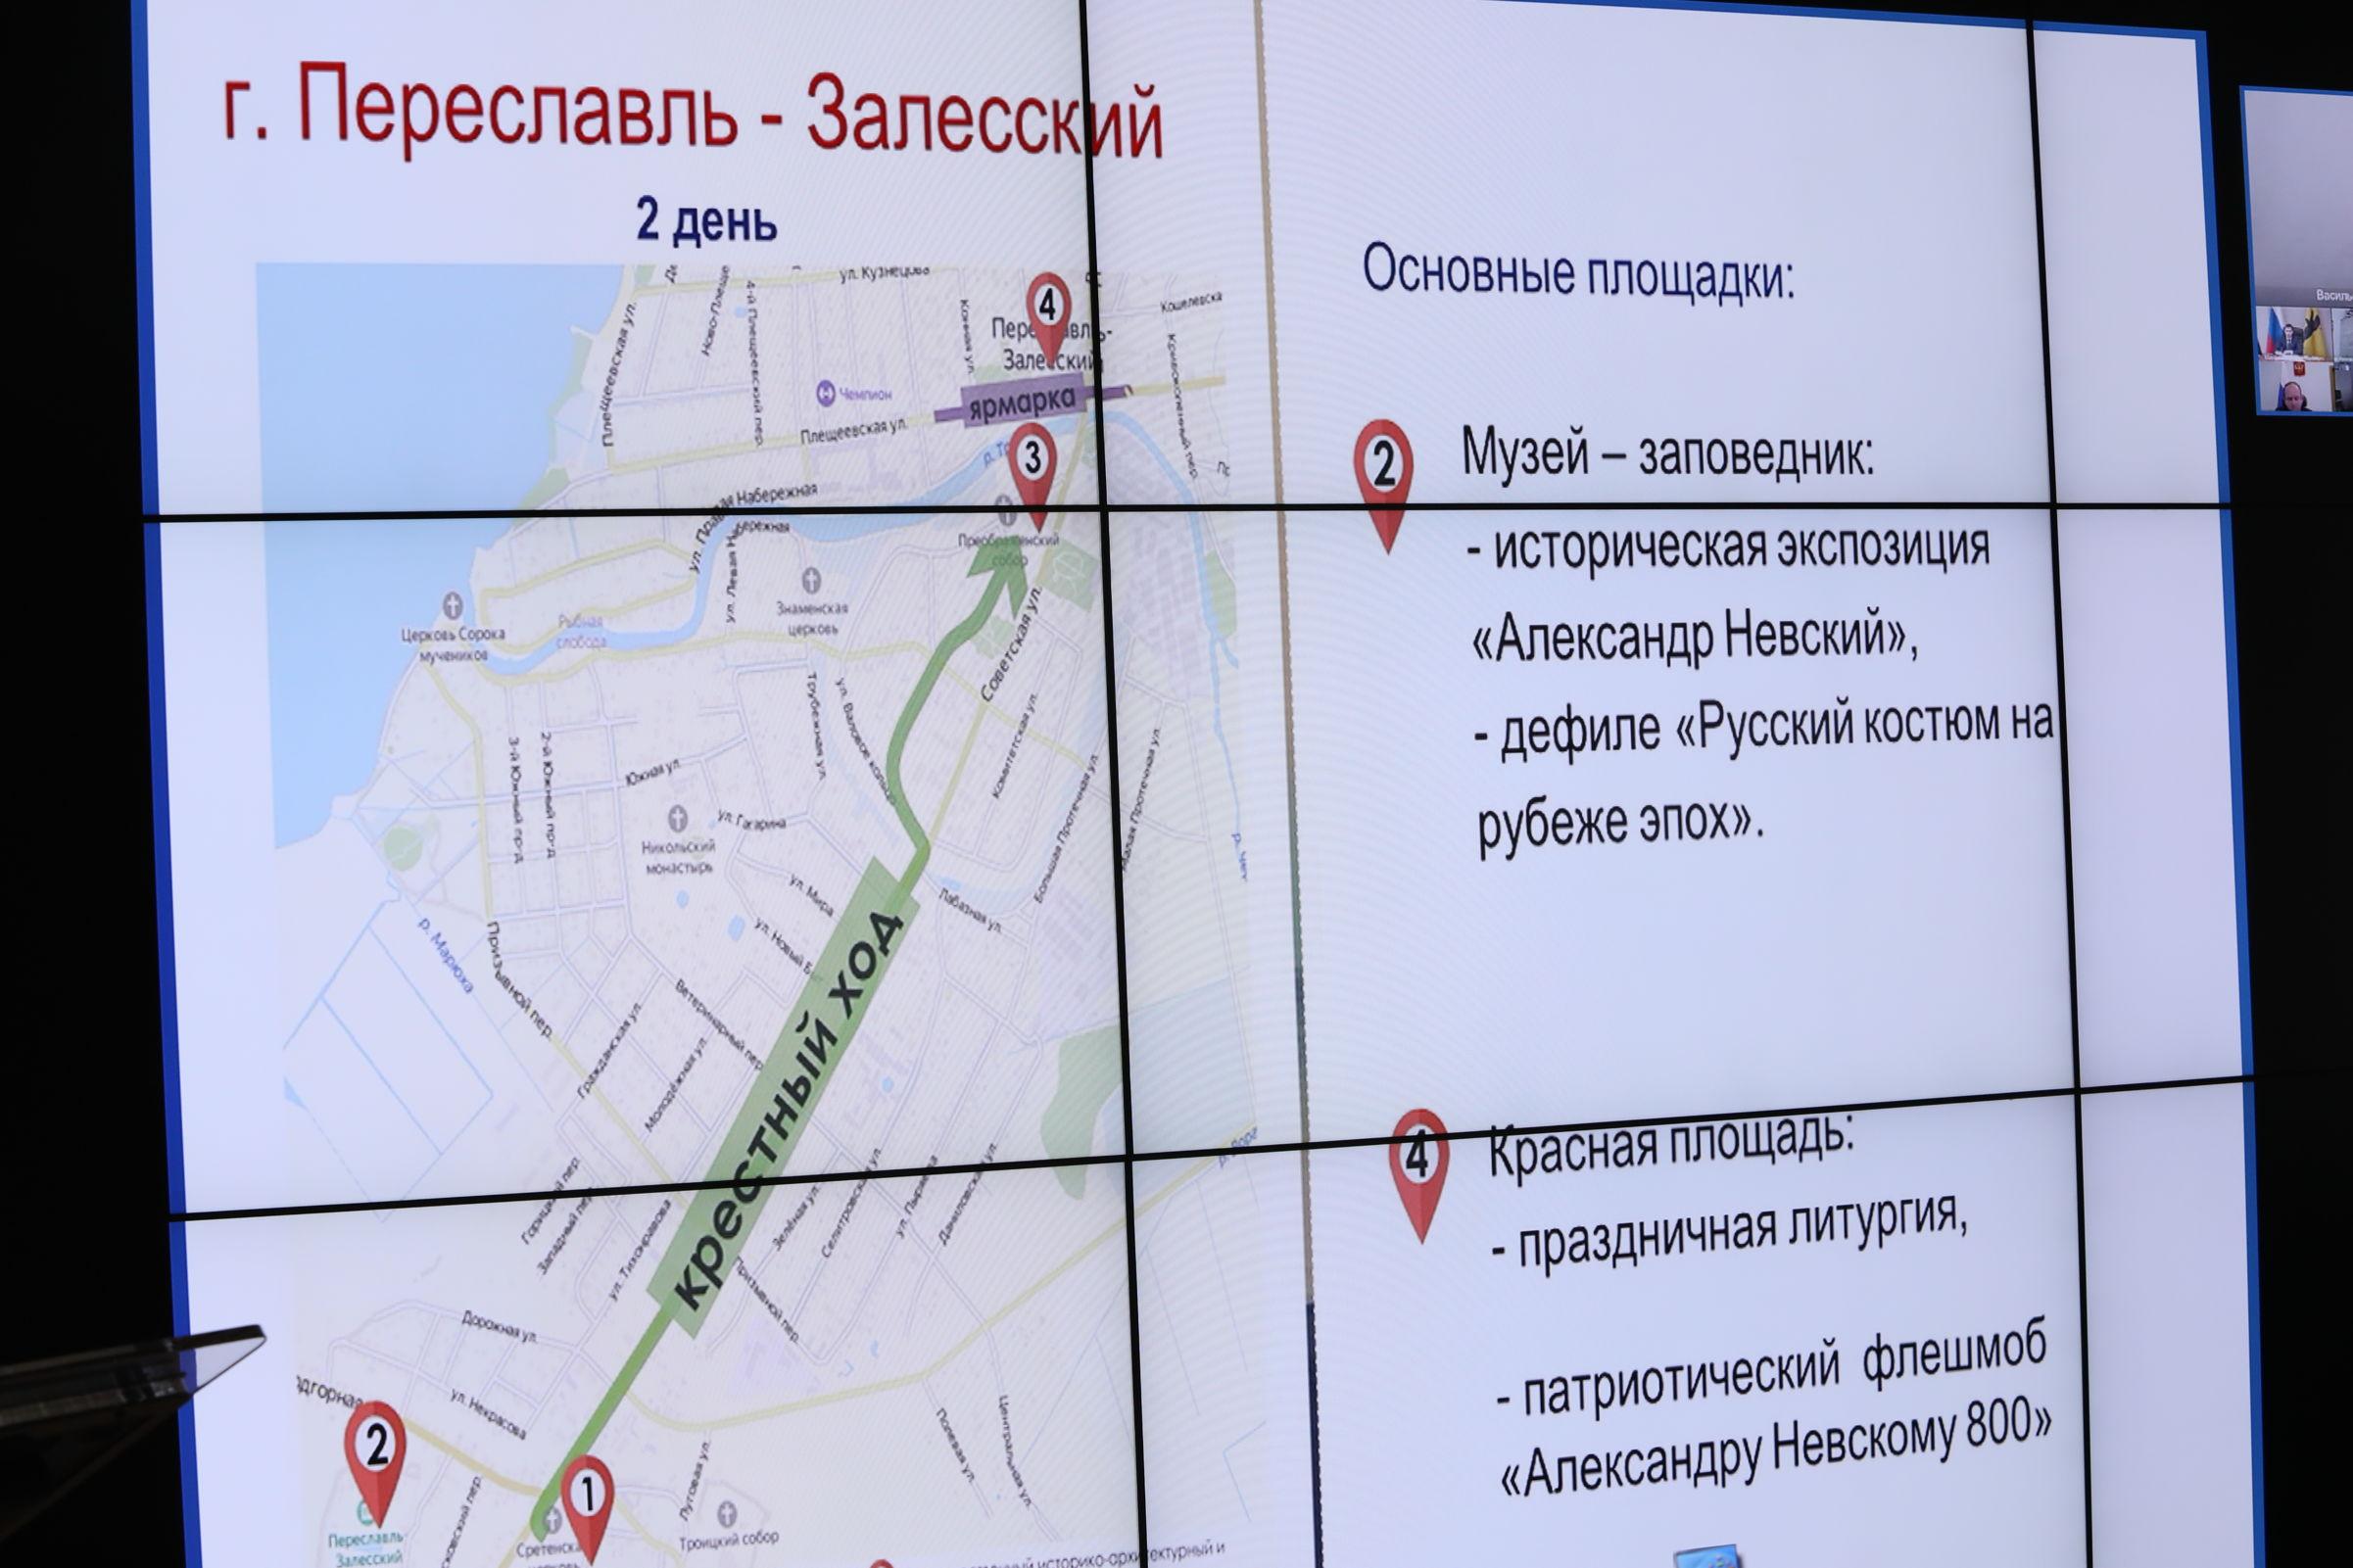 Дмитрий Миронов: «Основной площадкой для празднования 800-летия Александра Невского станет Ярославская область»